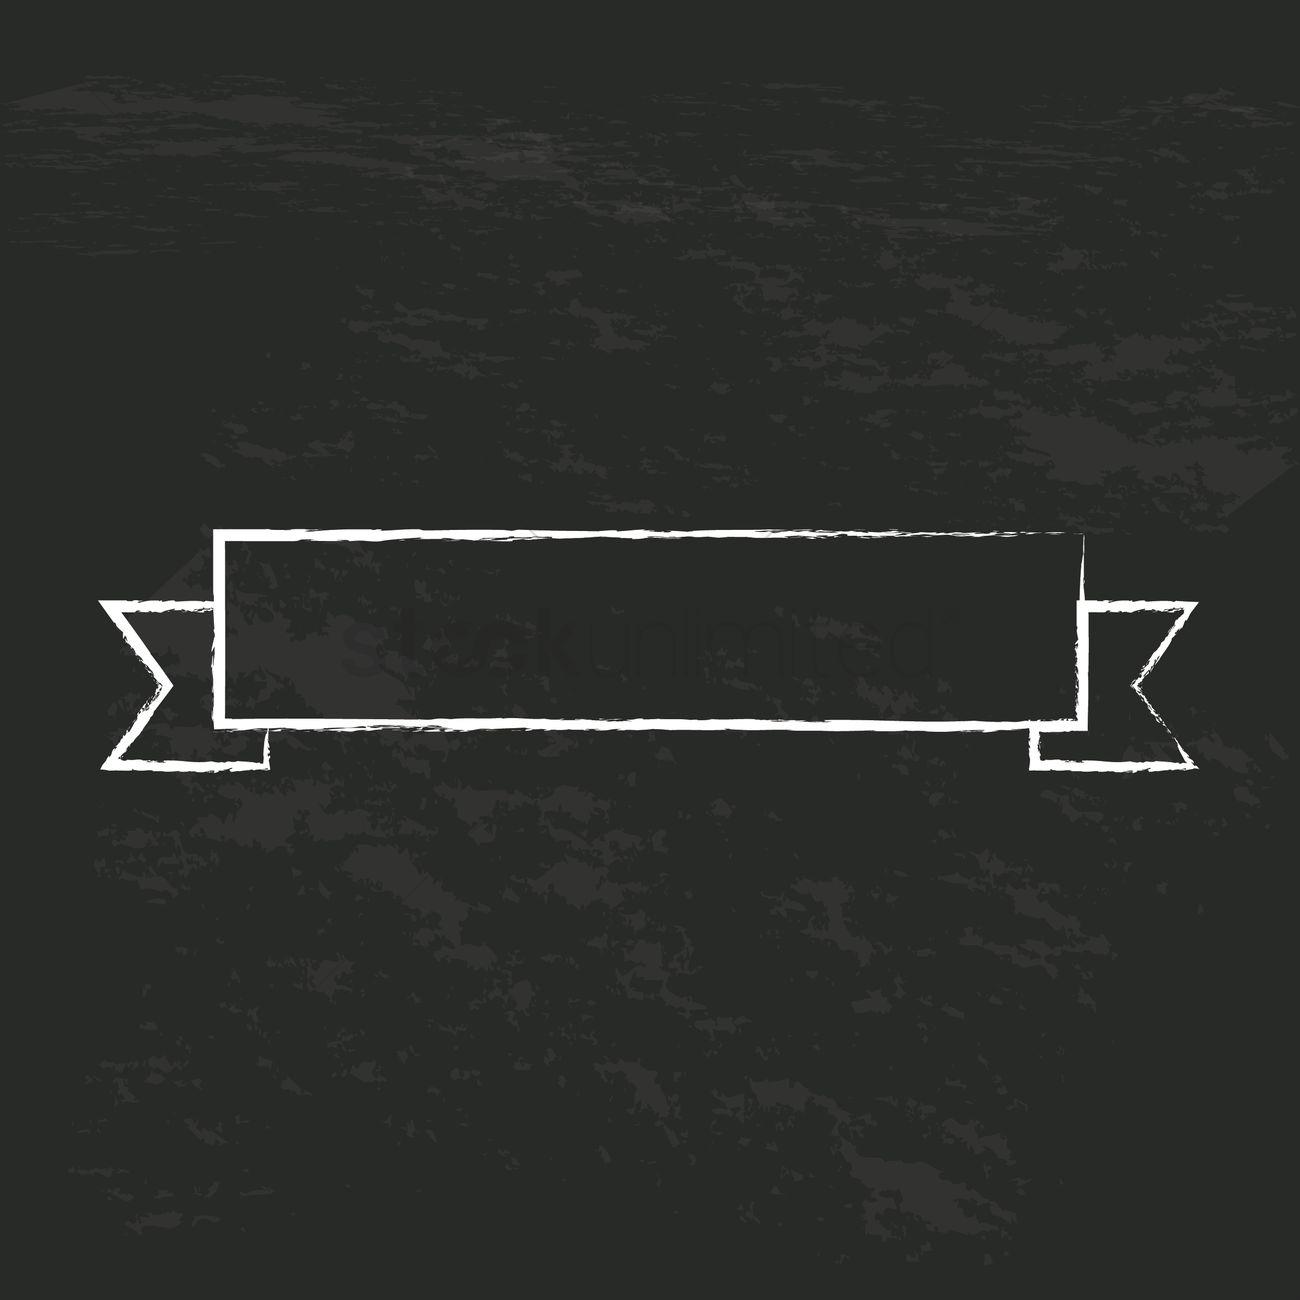 Ribbon Vector Image.